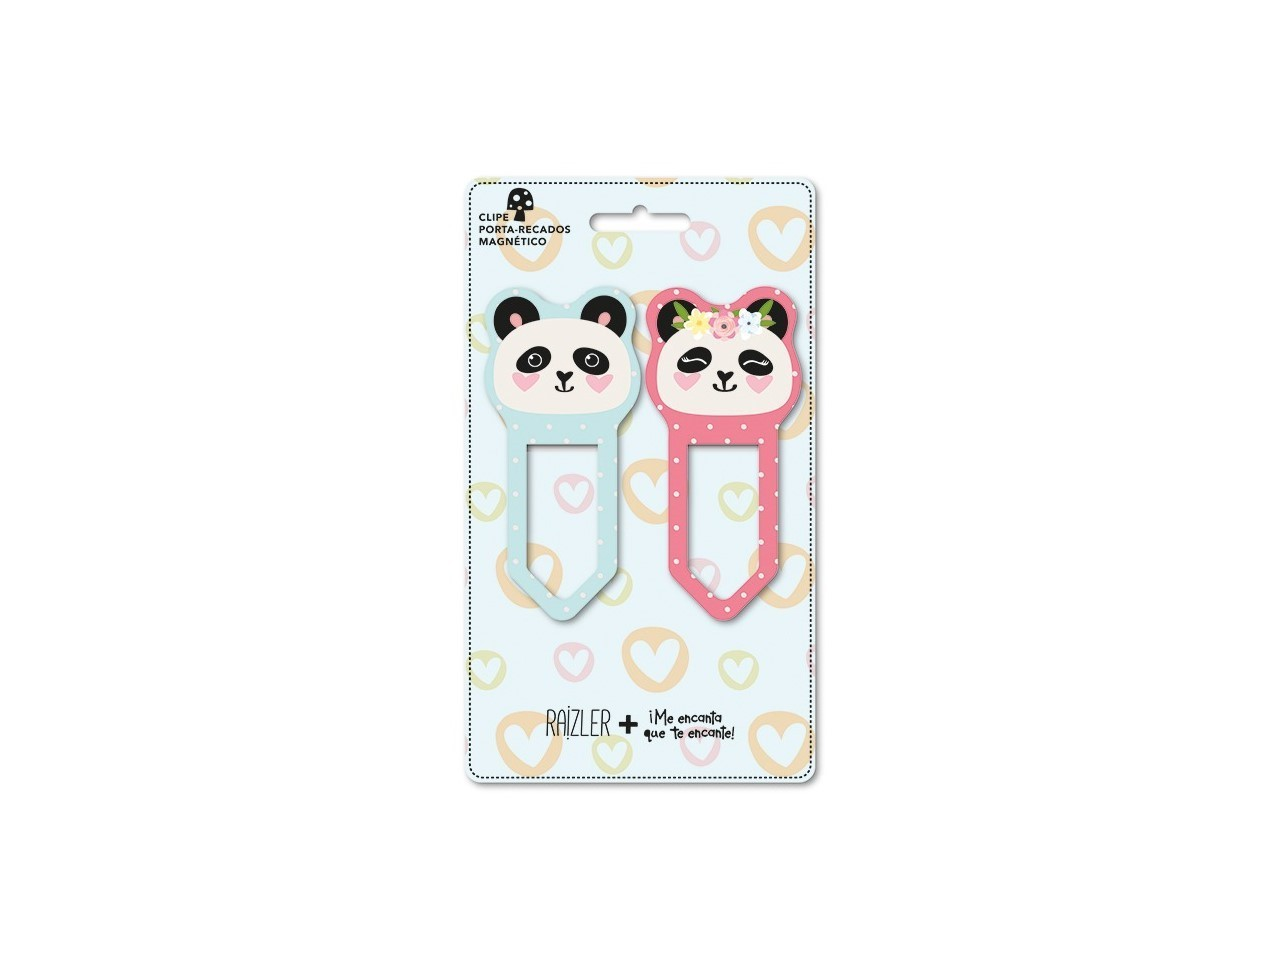 Clips Porta Recado Magnético Panda